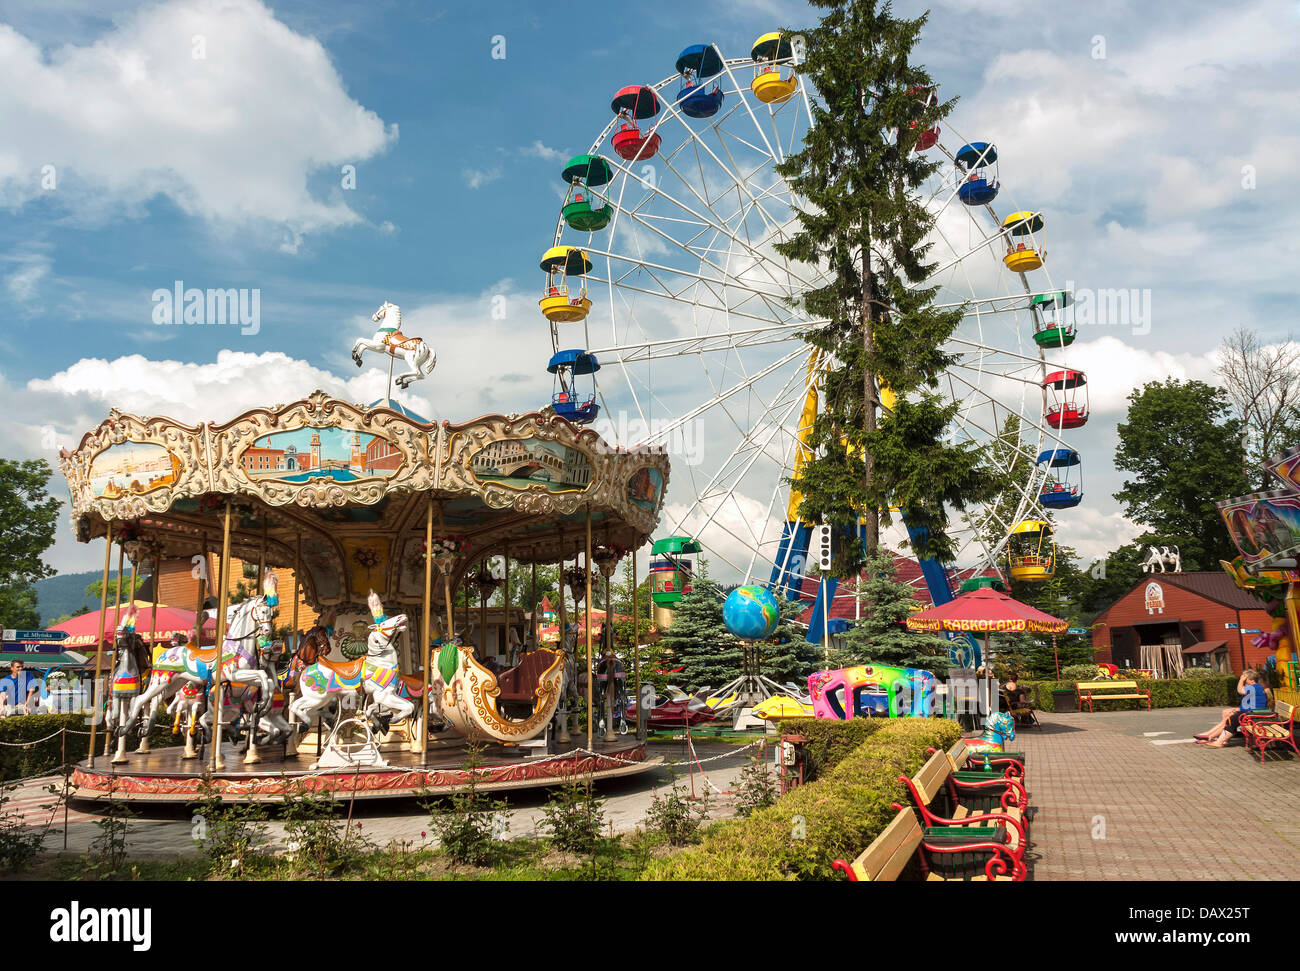 Wspólne Rabkoland Amusement Park, Rabka-Zdrój, Poland Stock Photo  YA-57